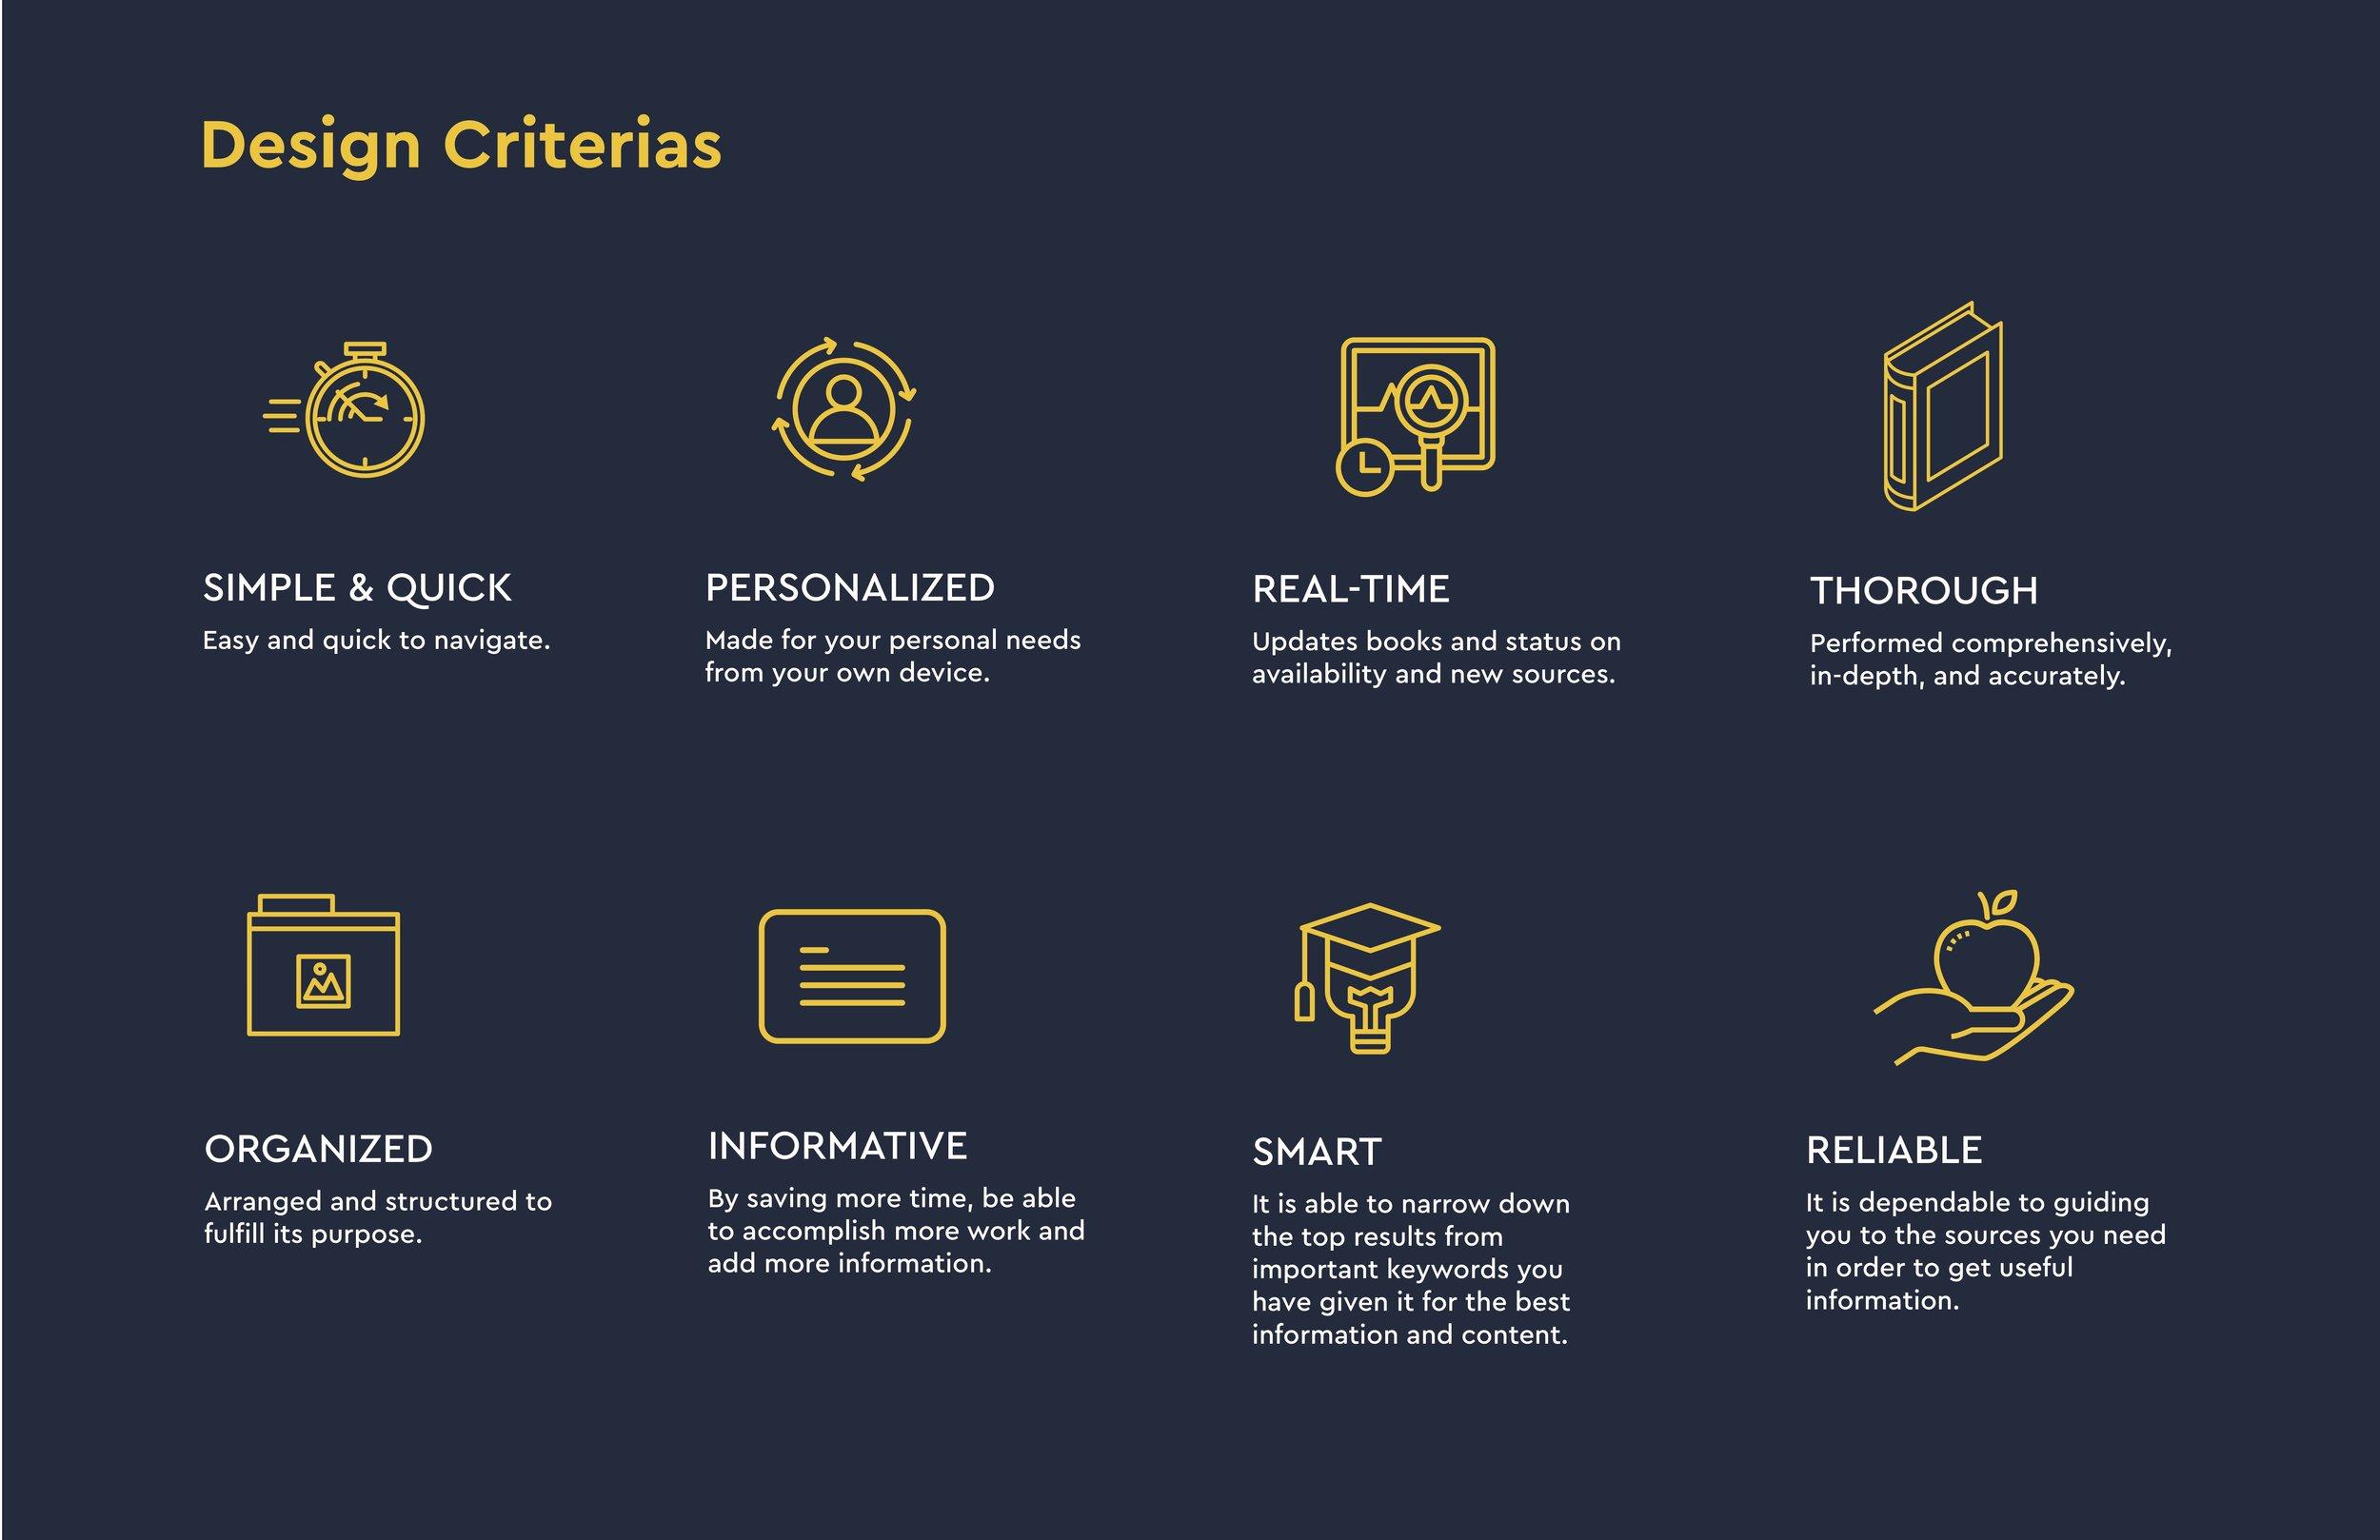 FINDR_designCriterias.jpg